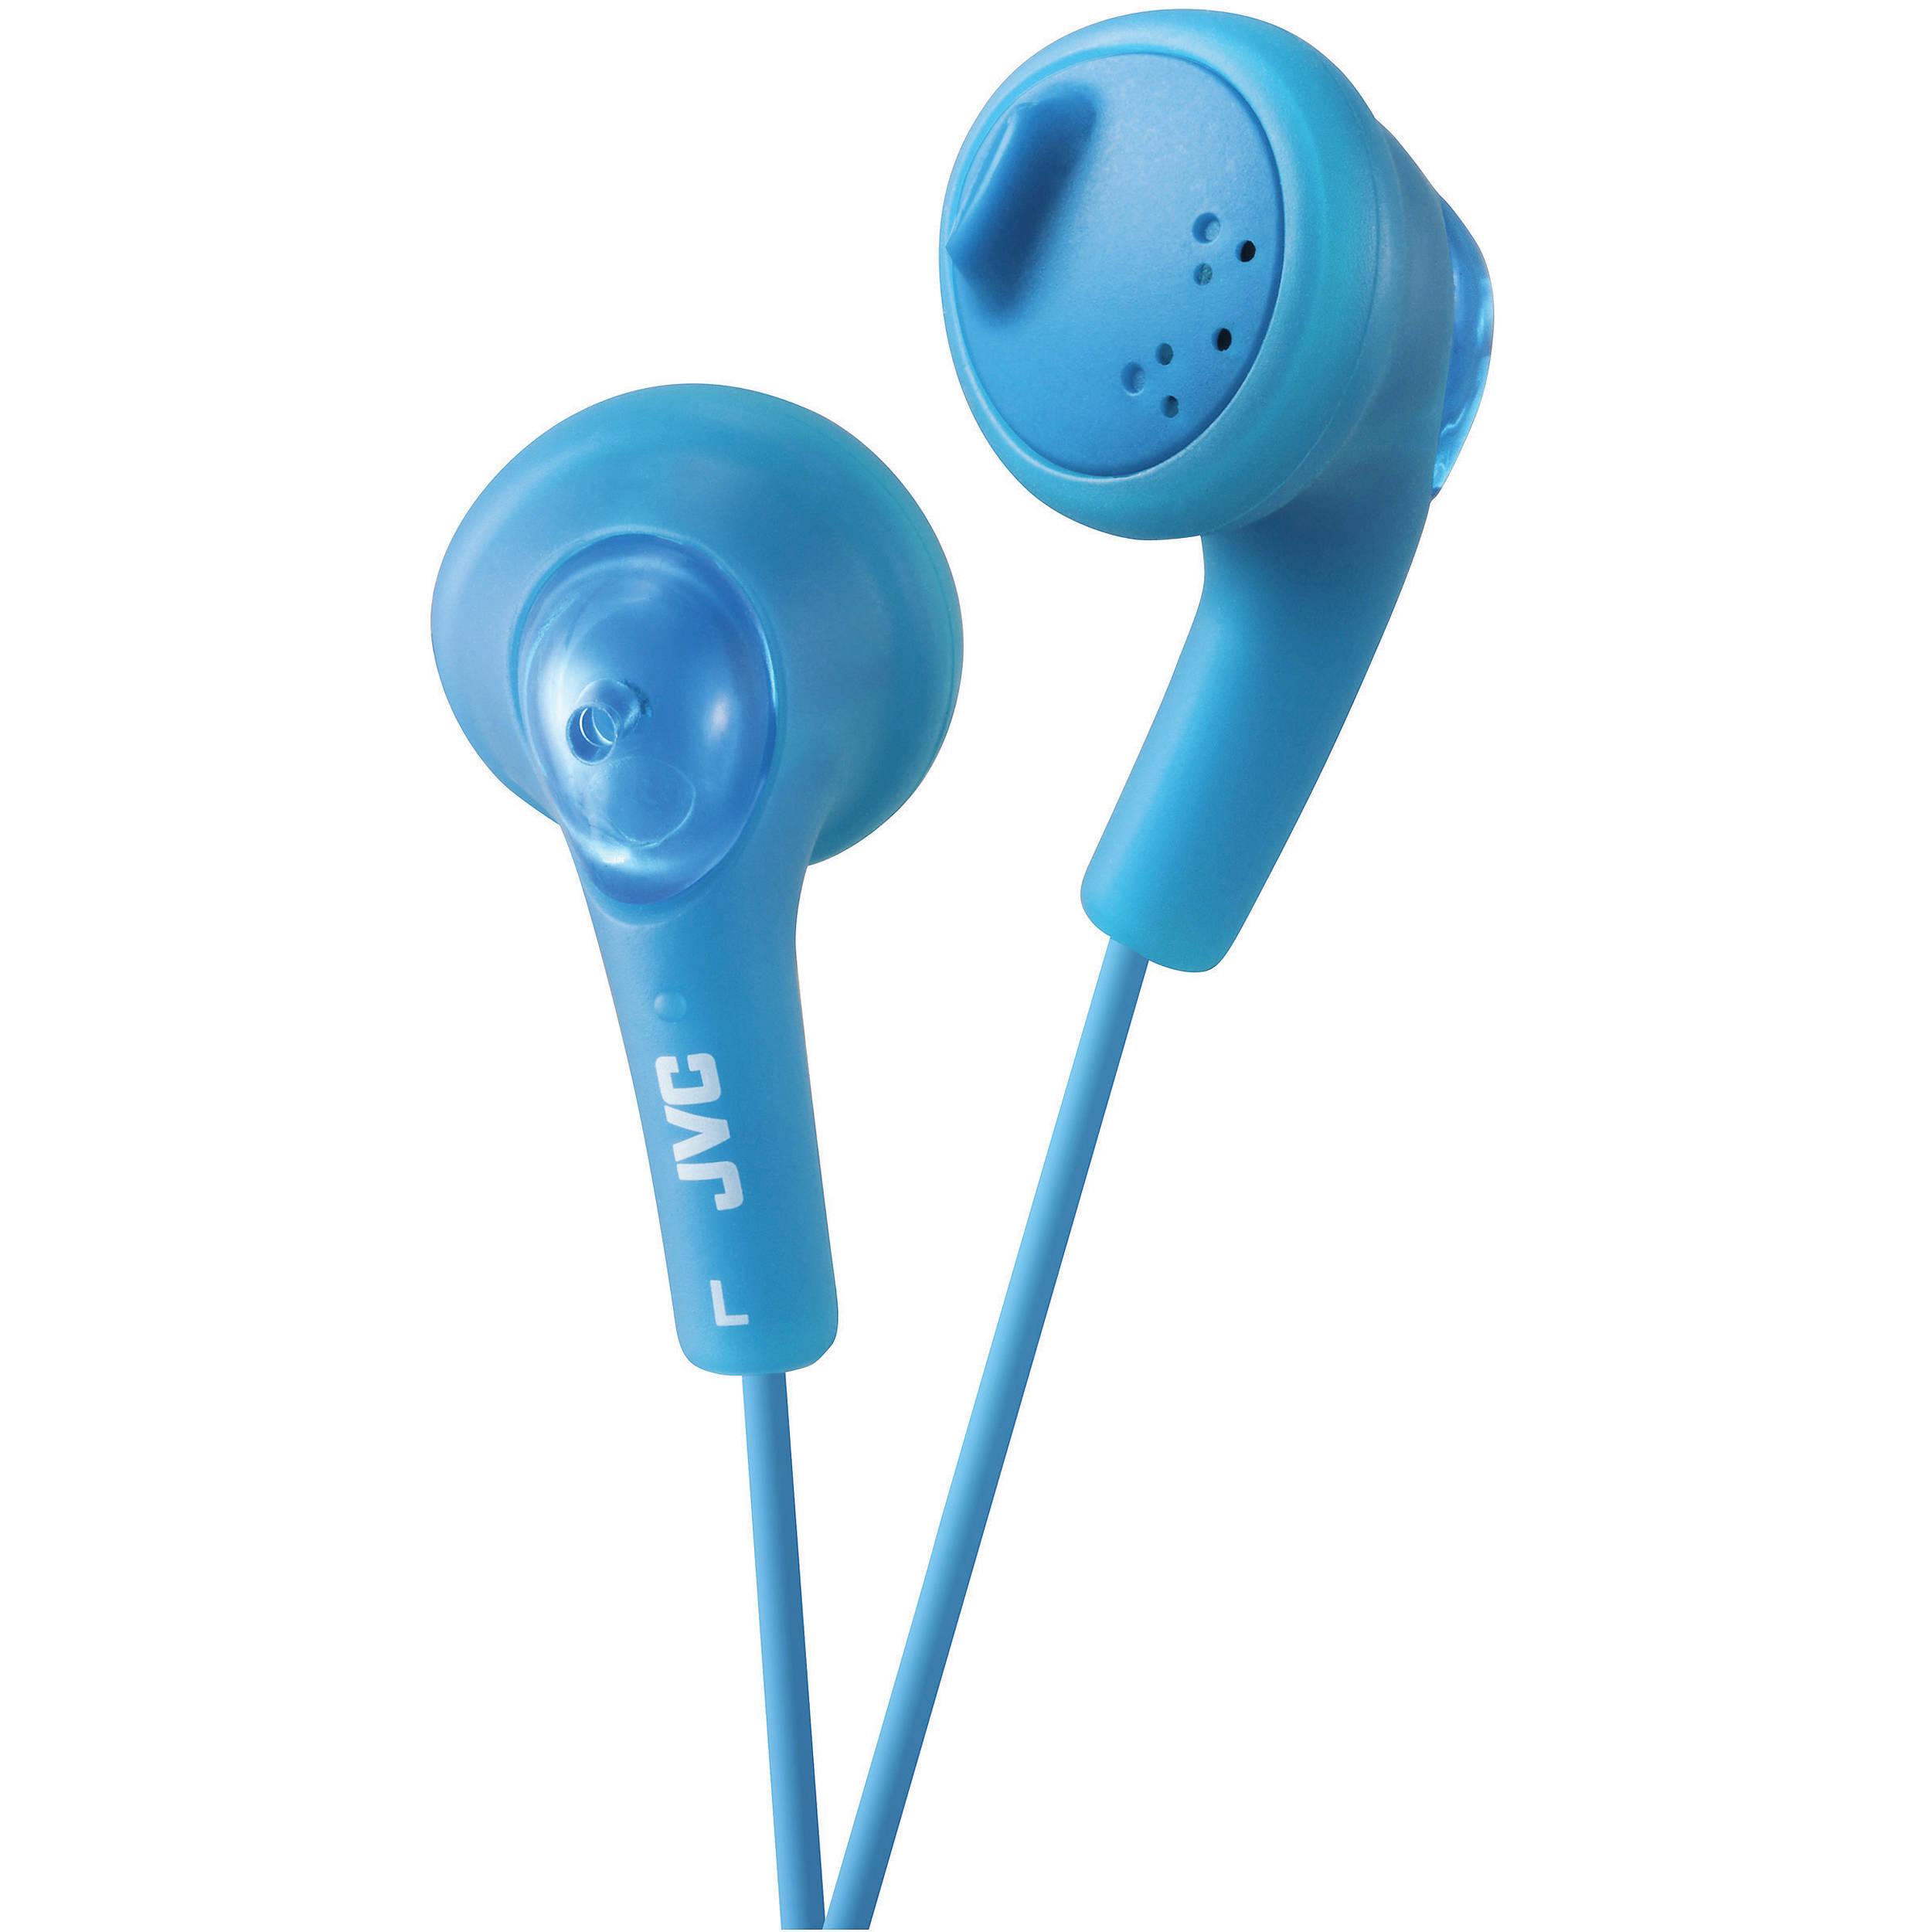 JVC HAF160W Gumy Ear Bud Headphone $9.99